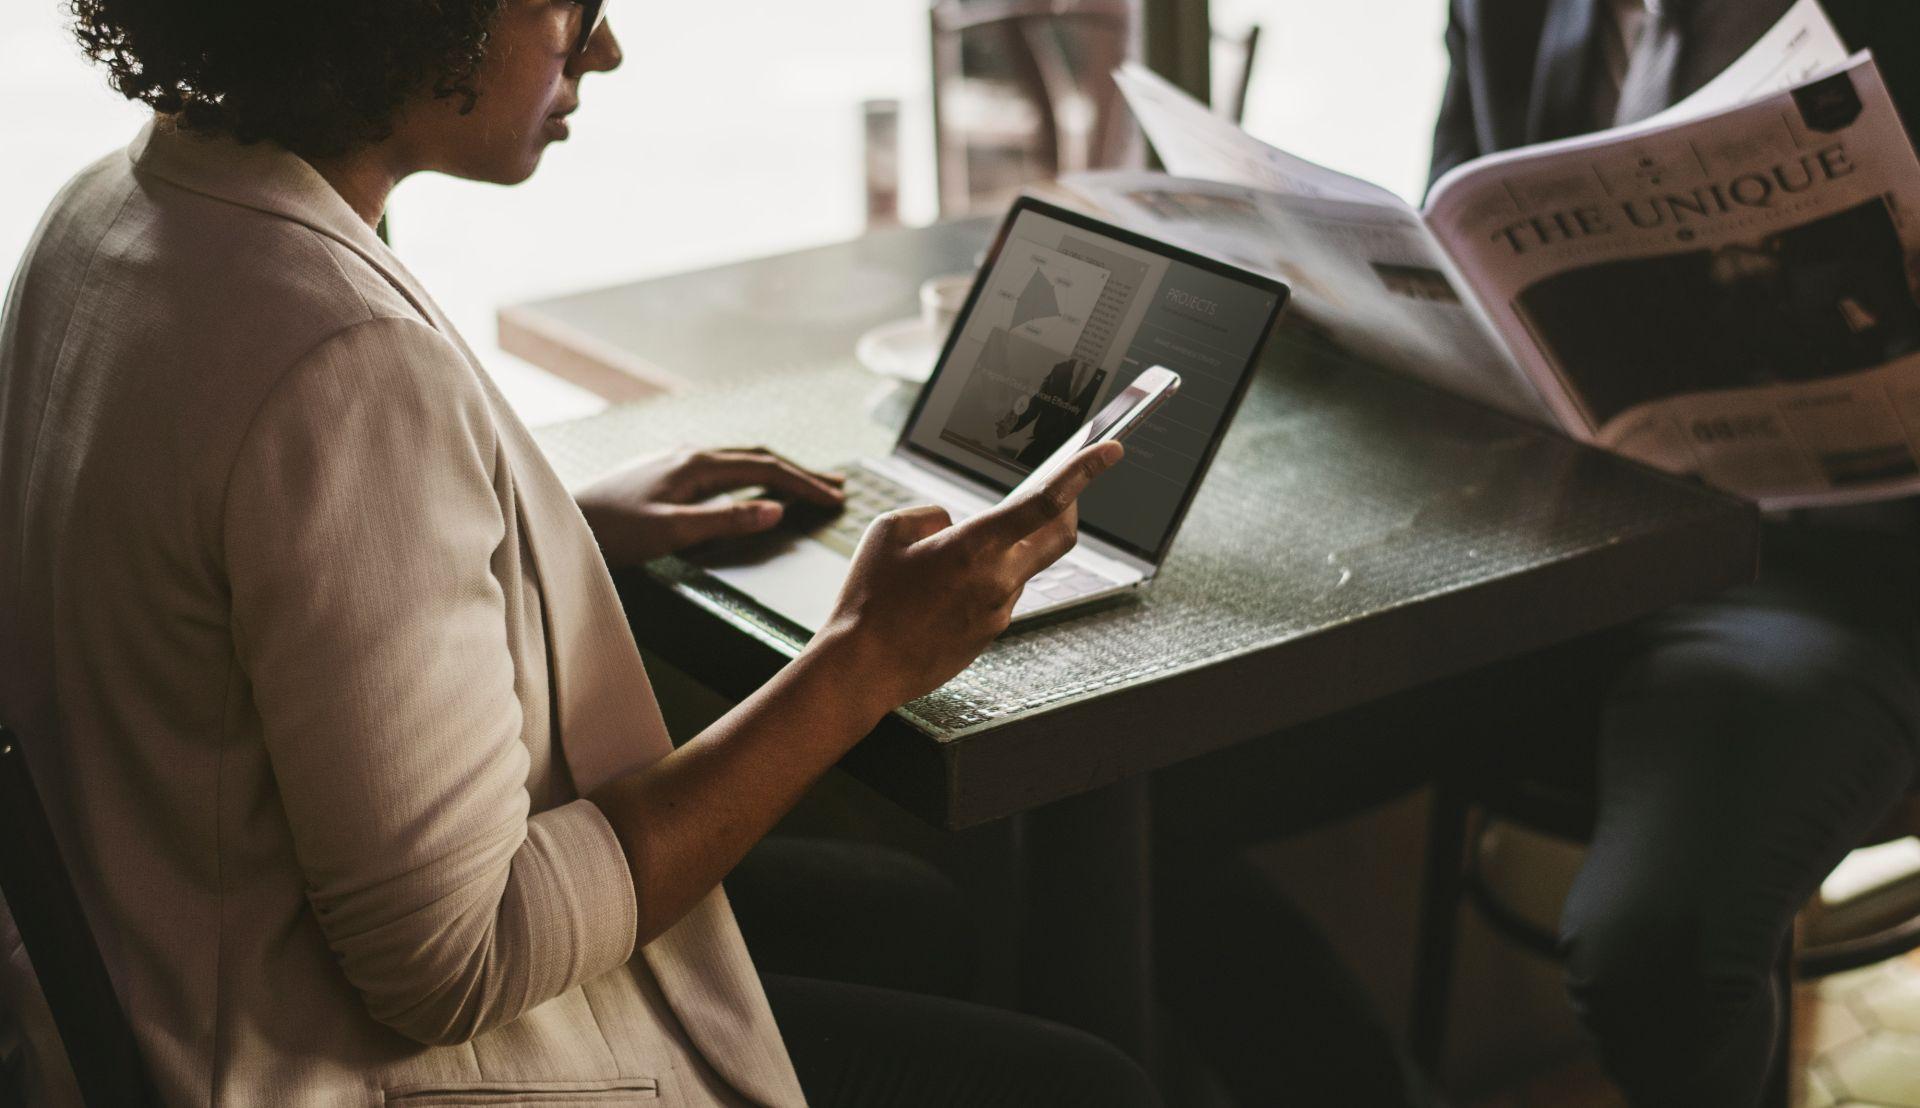 Kobieta czytająca na smartfonie